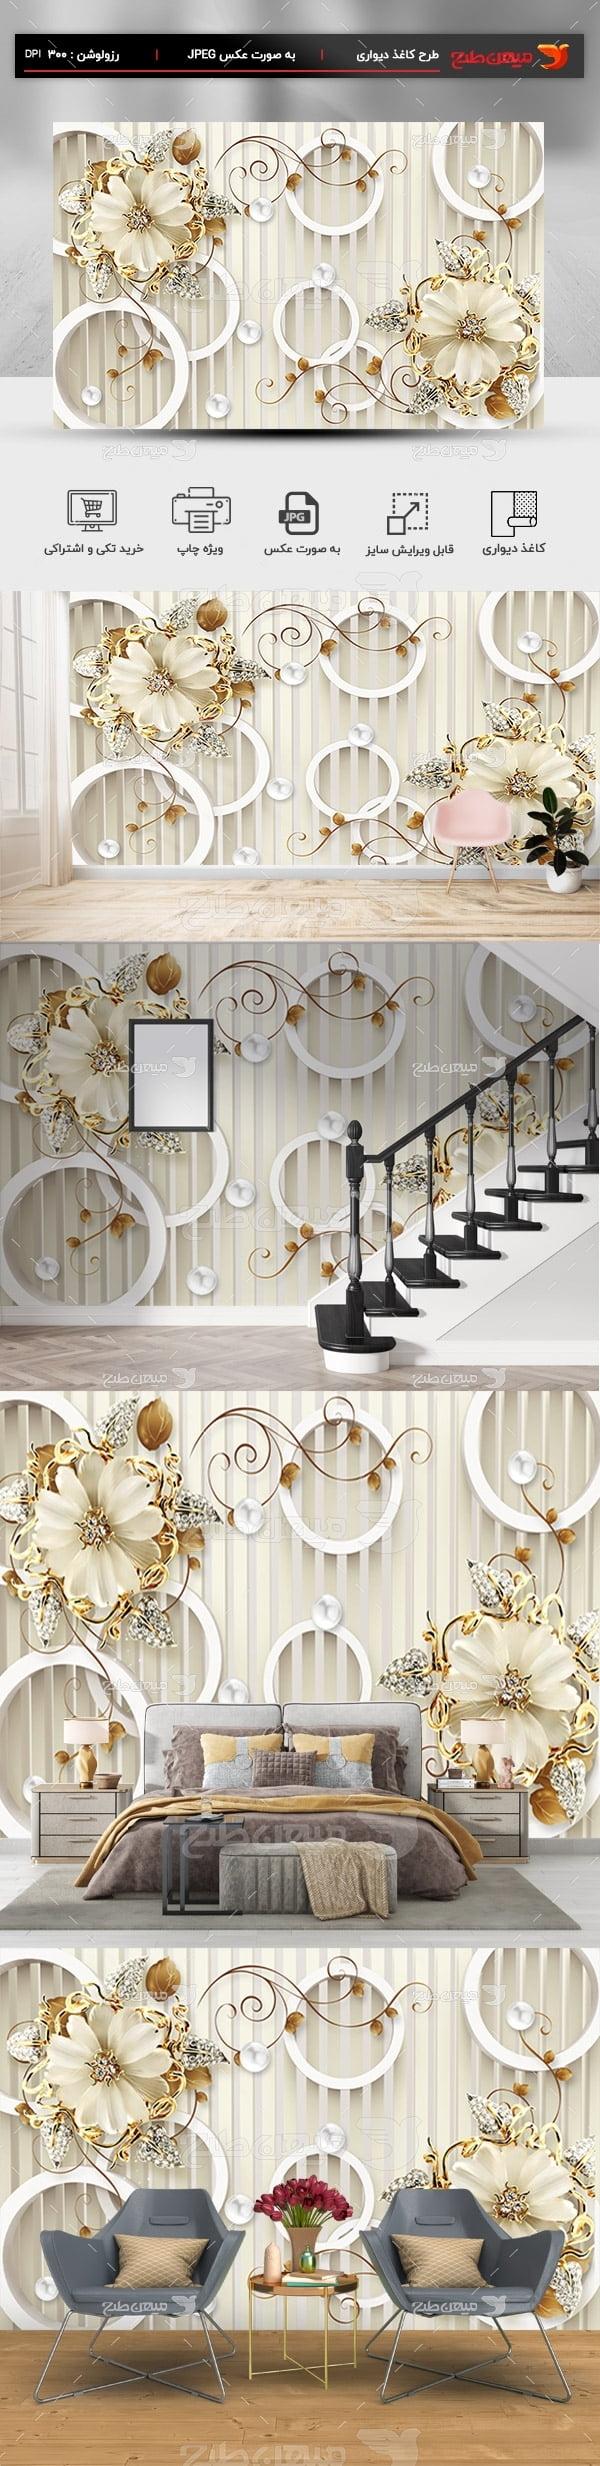 پوستر کاغذ دیواری سه بعدی طرح گل